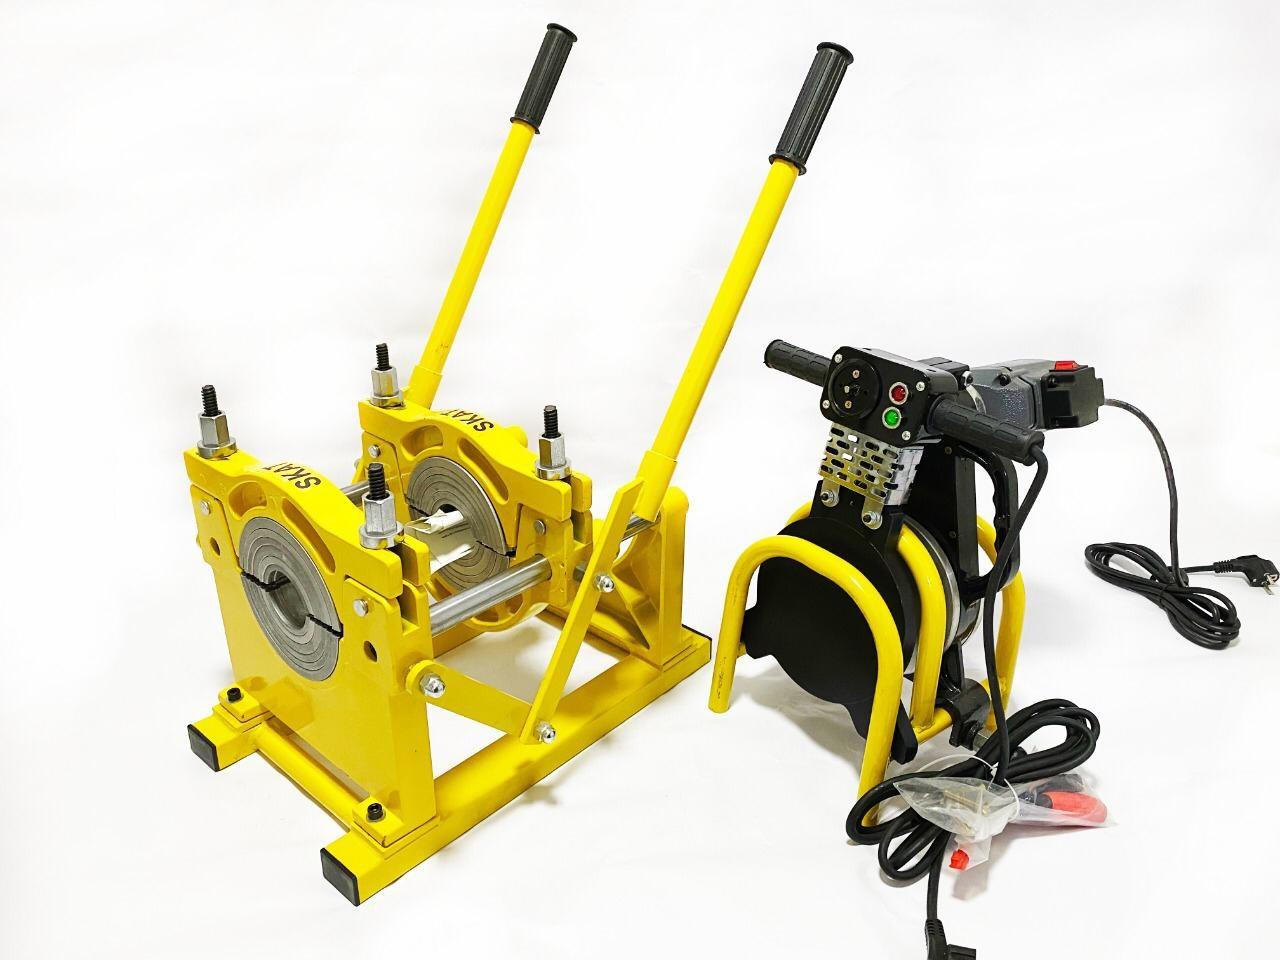 SKAT 63-160мм с 2мя держателями рычаговый, механический сварочный аппарат для стыковой пайки ПП труб